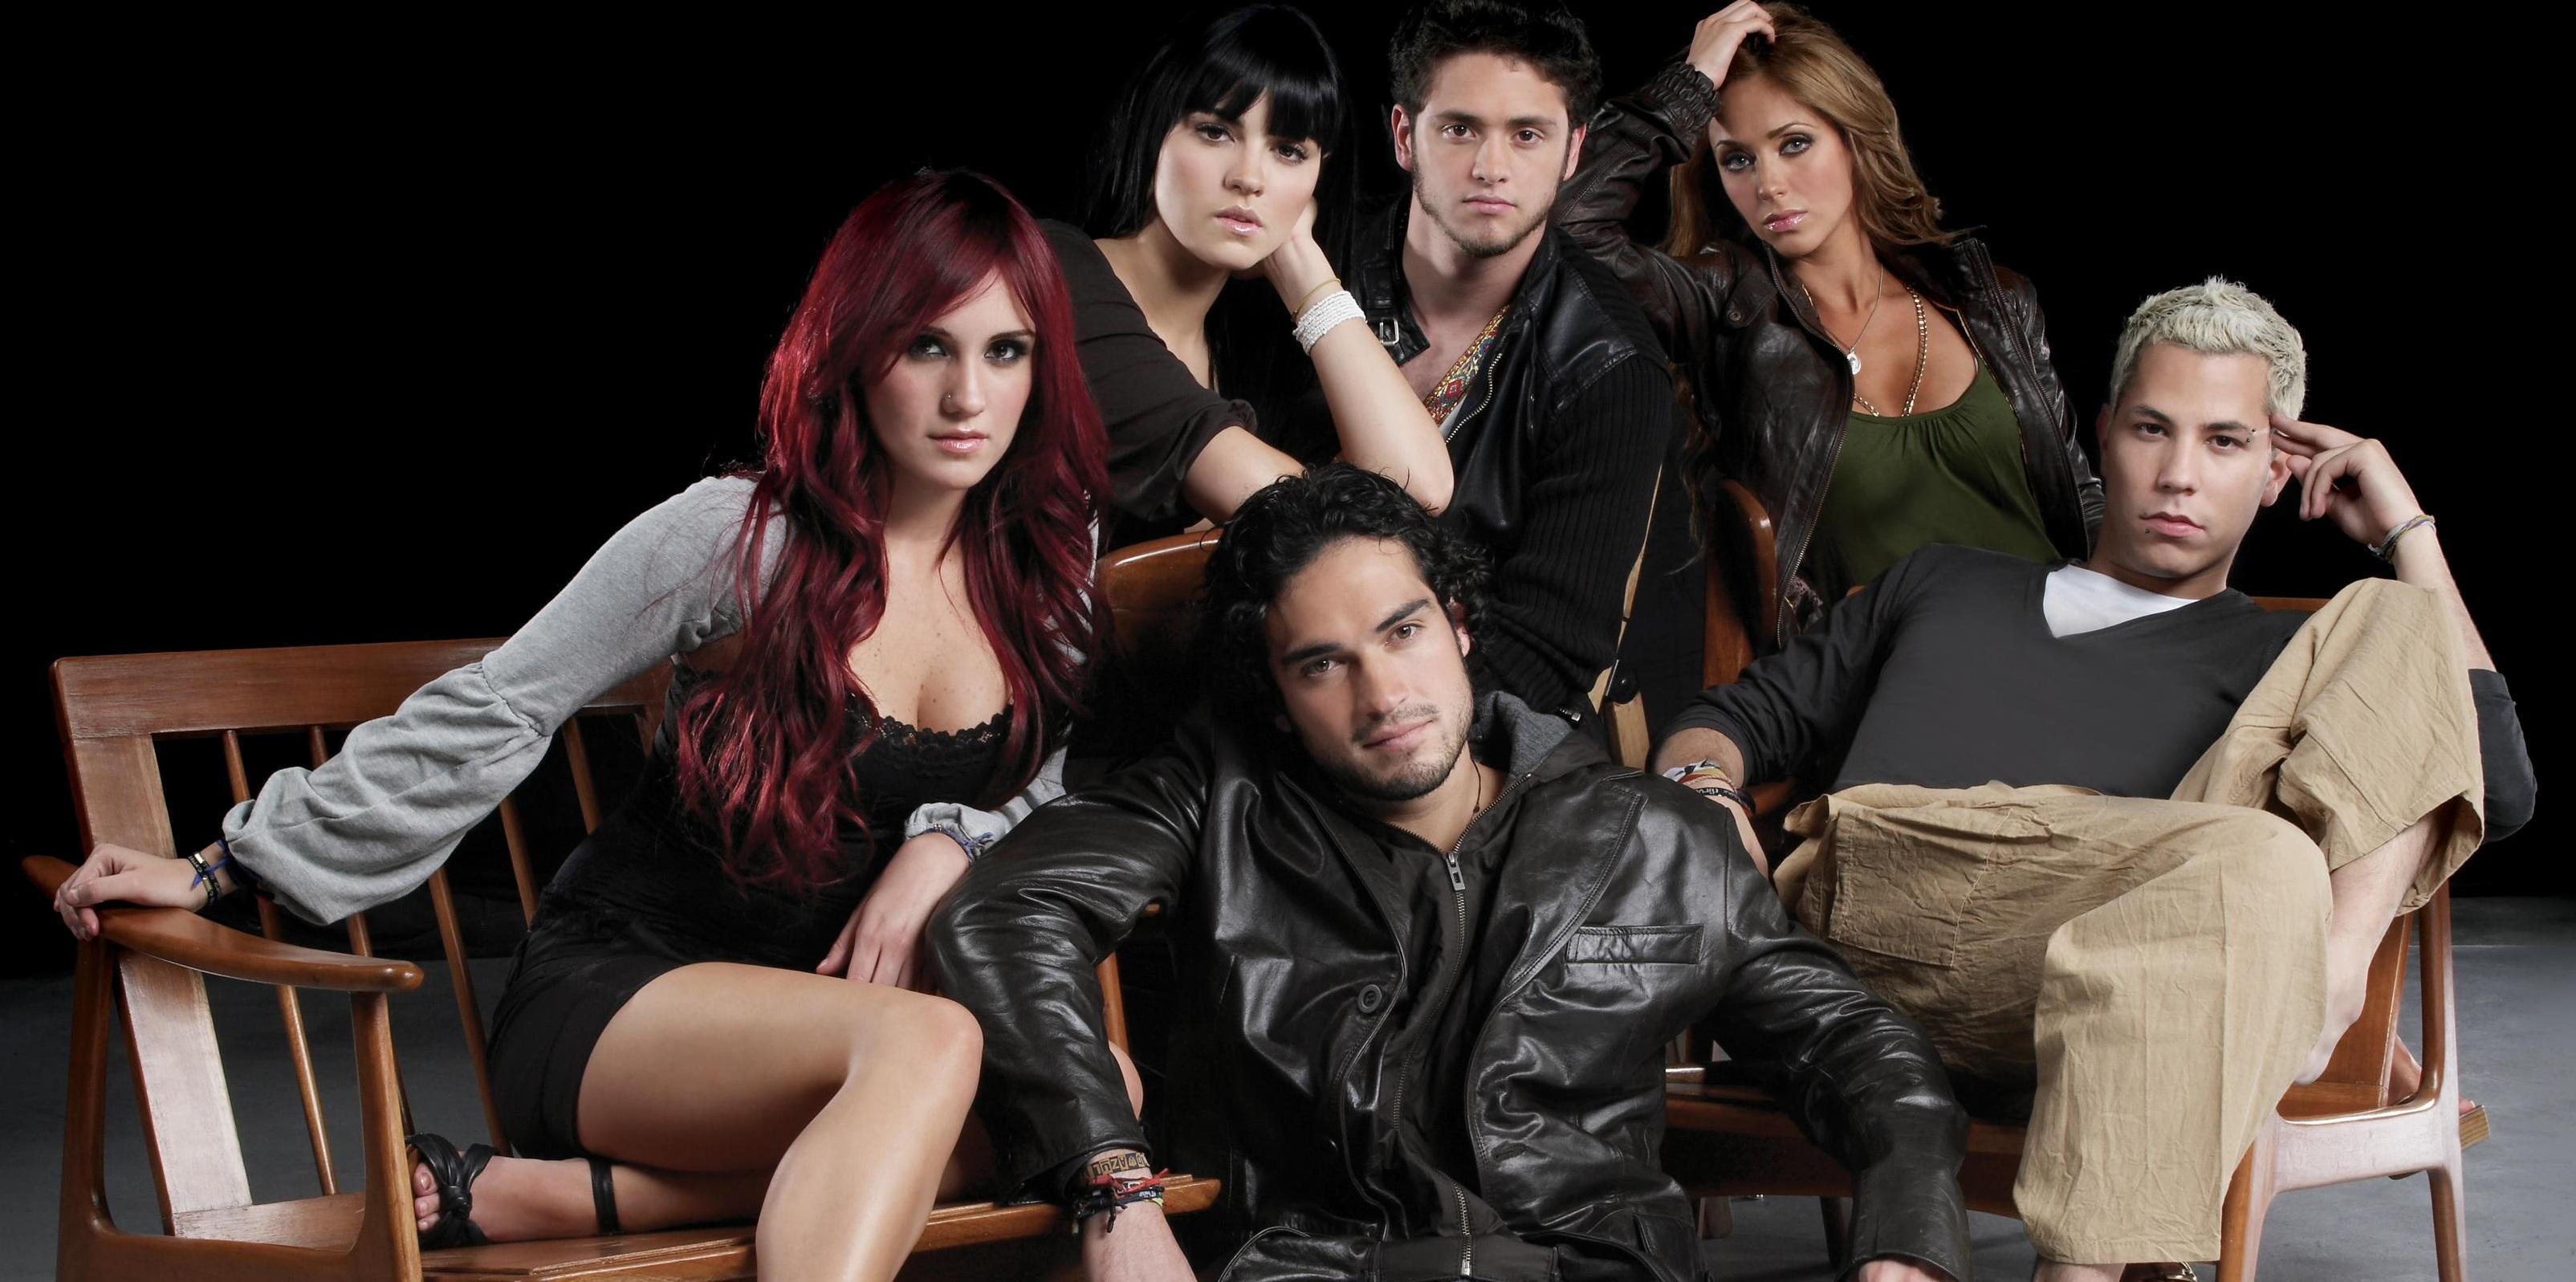 """Após encontros misteriosos, criador de """"Rebelde"""" fala sobre projeto do """"RBD"""" e anuncia série nova"""